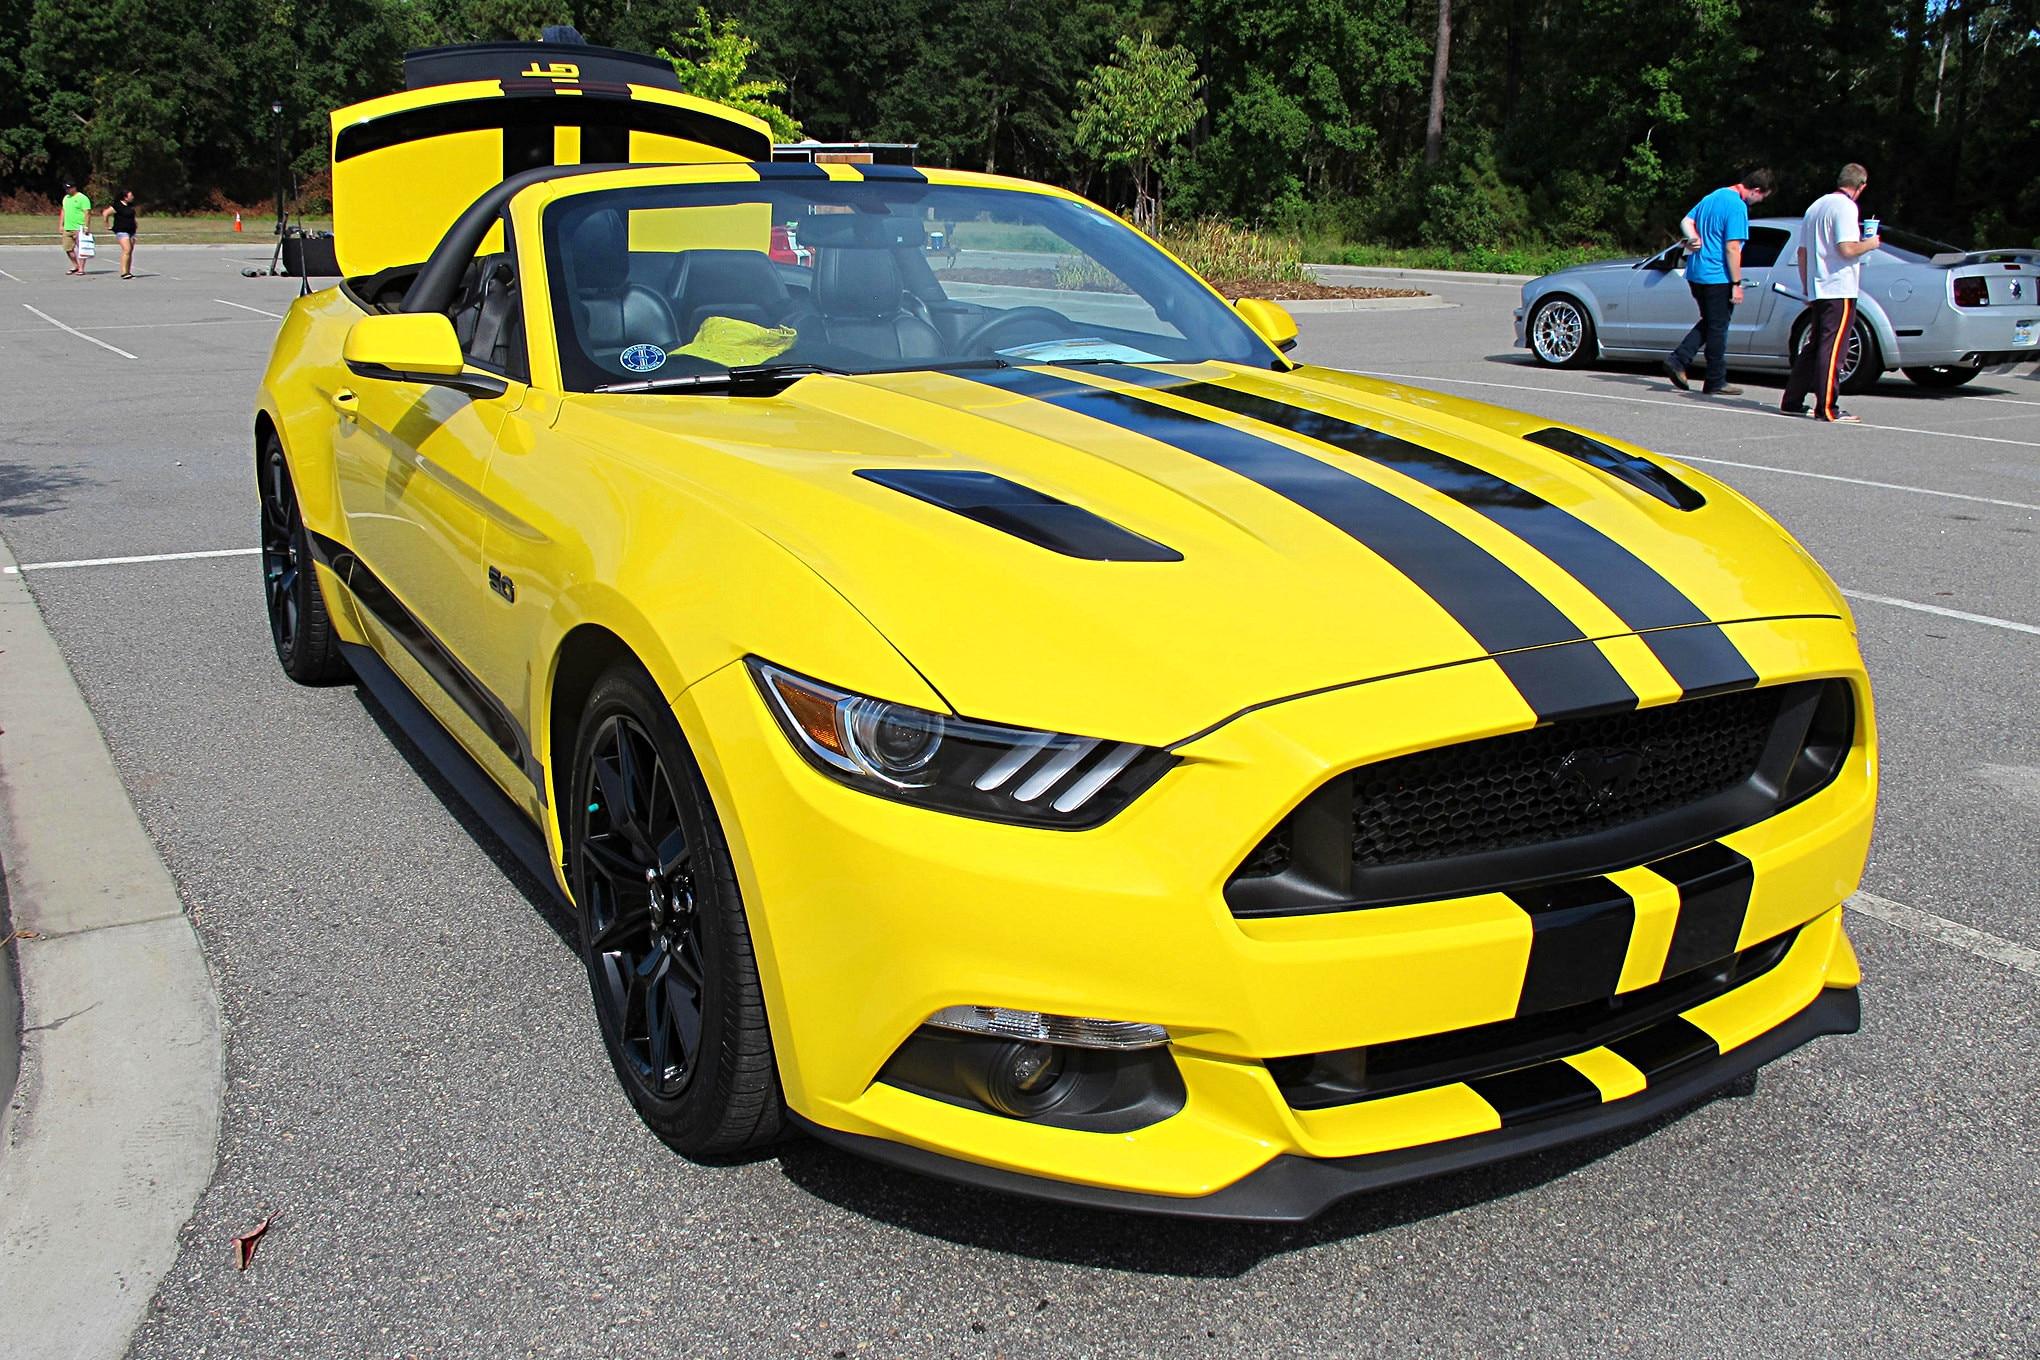 076 2018 Mustang Week S550 Mustangs